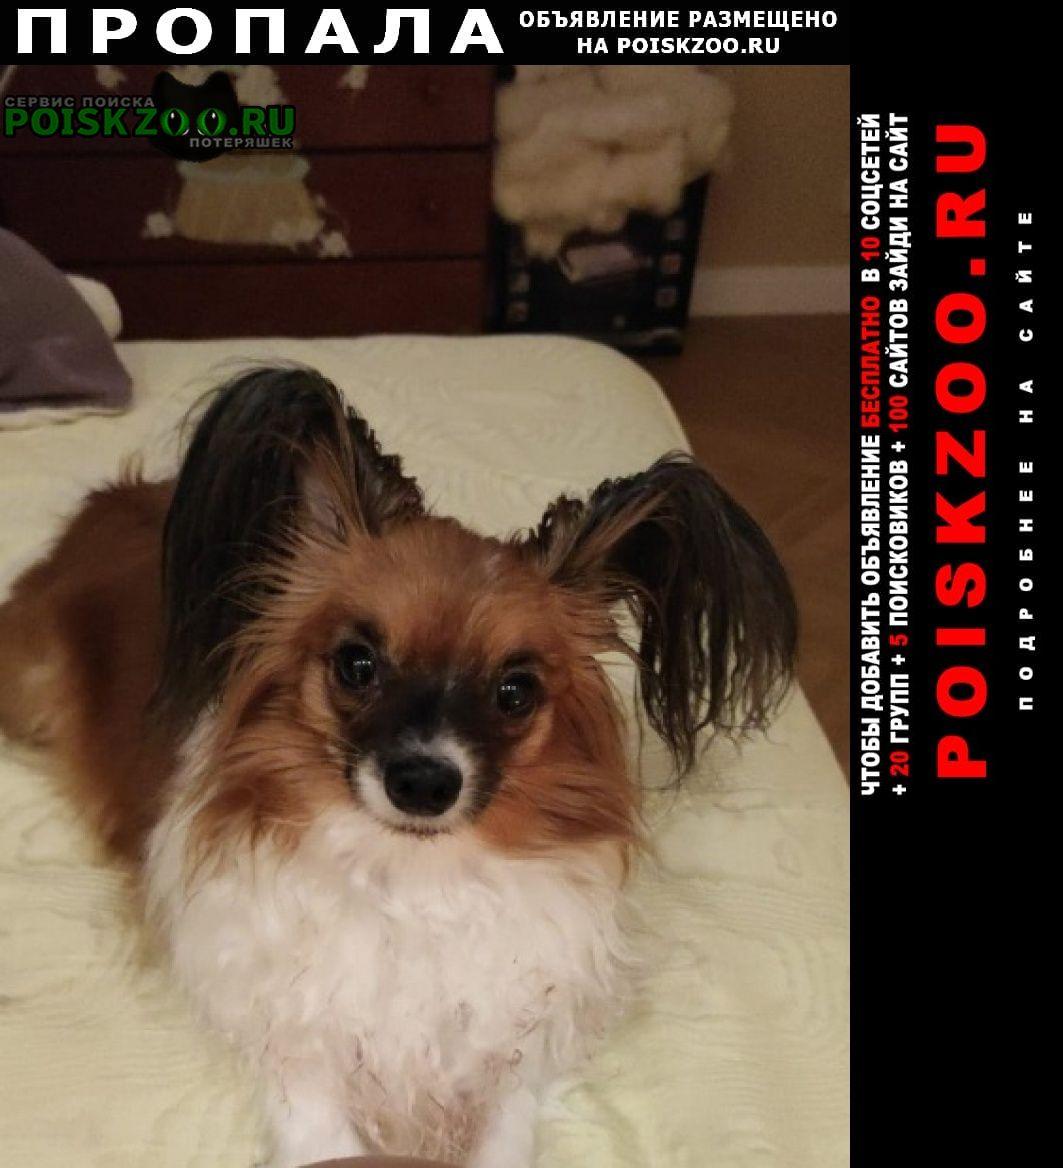 Пропала собака папийон девочка 3, 7 кг бело-рыжая Москва